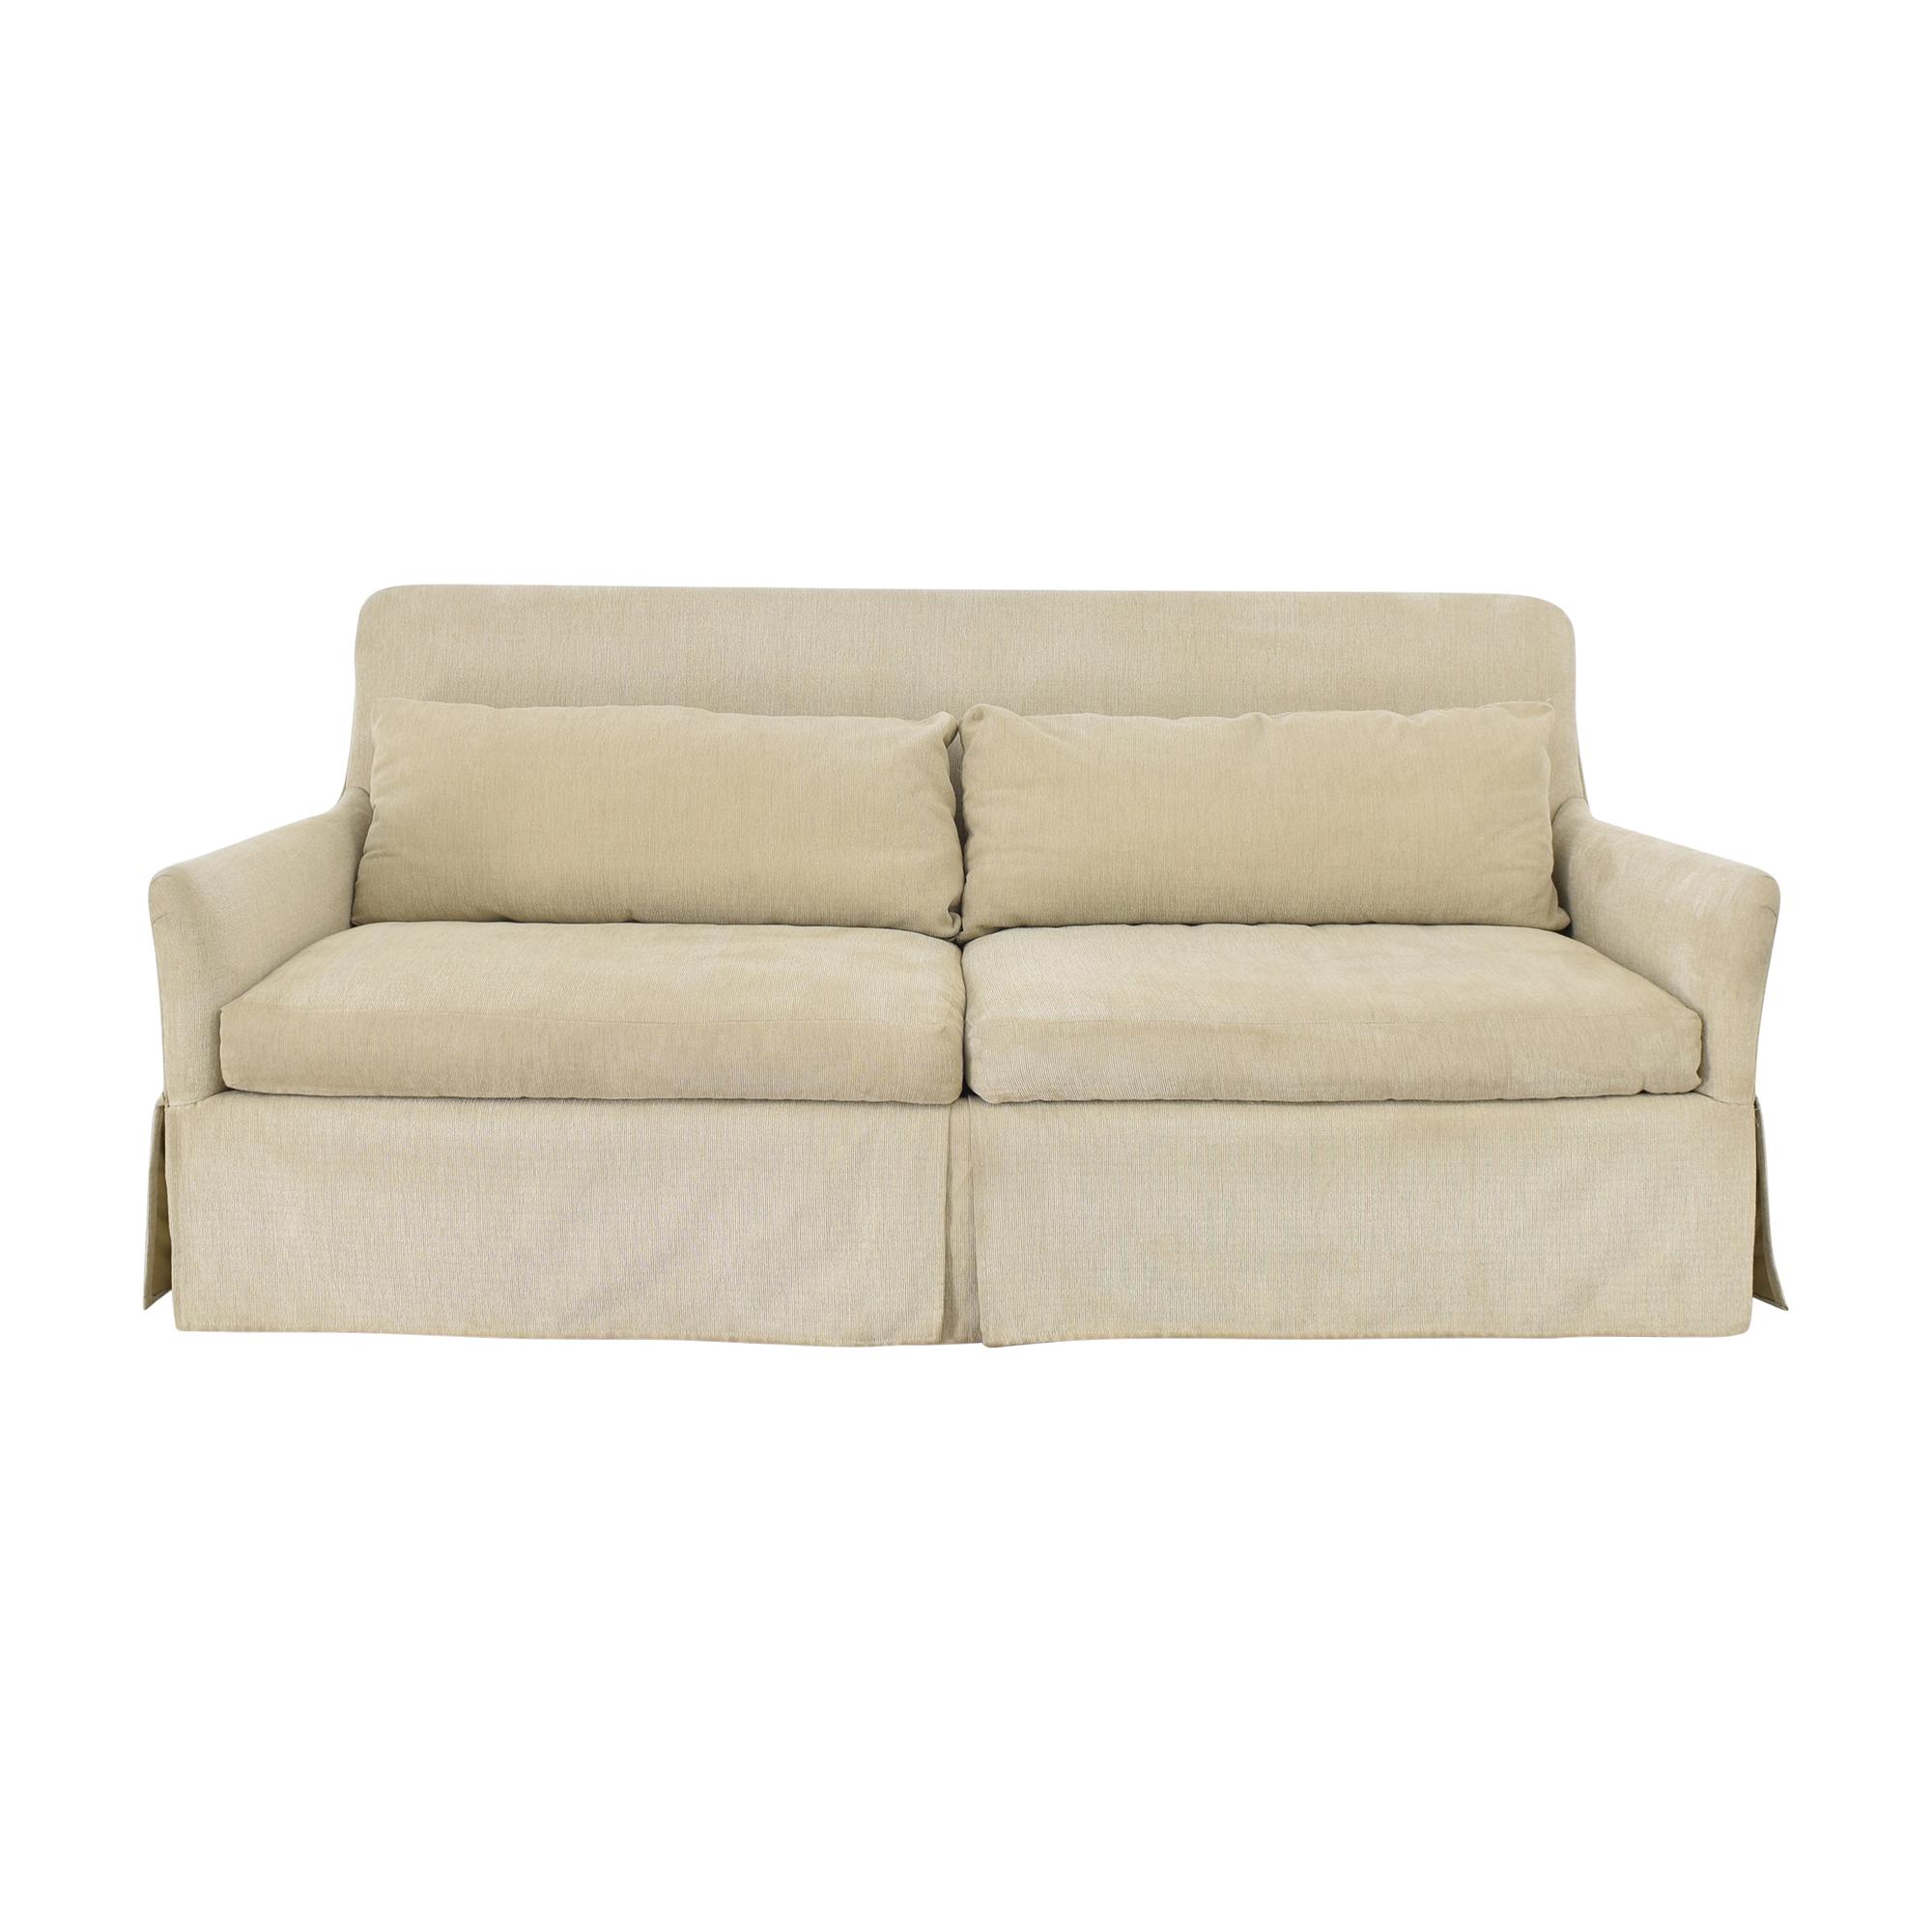 Wesley Hall Wesley Hall Skirted Sofa used